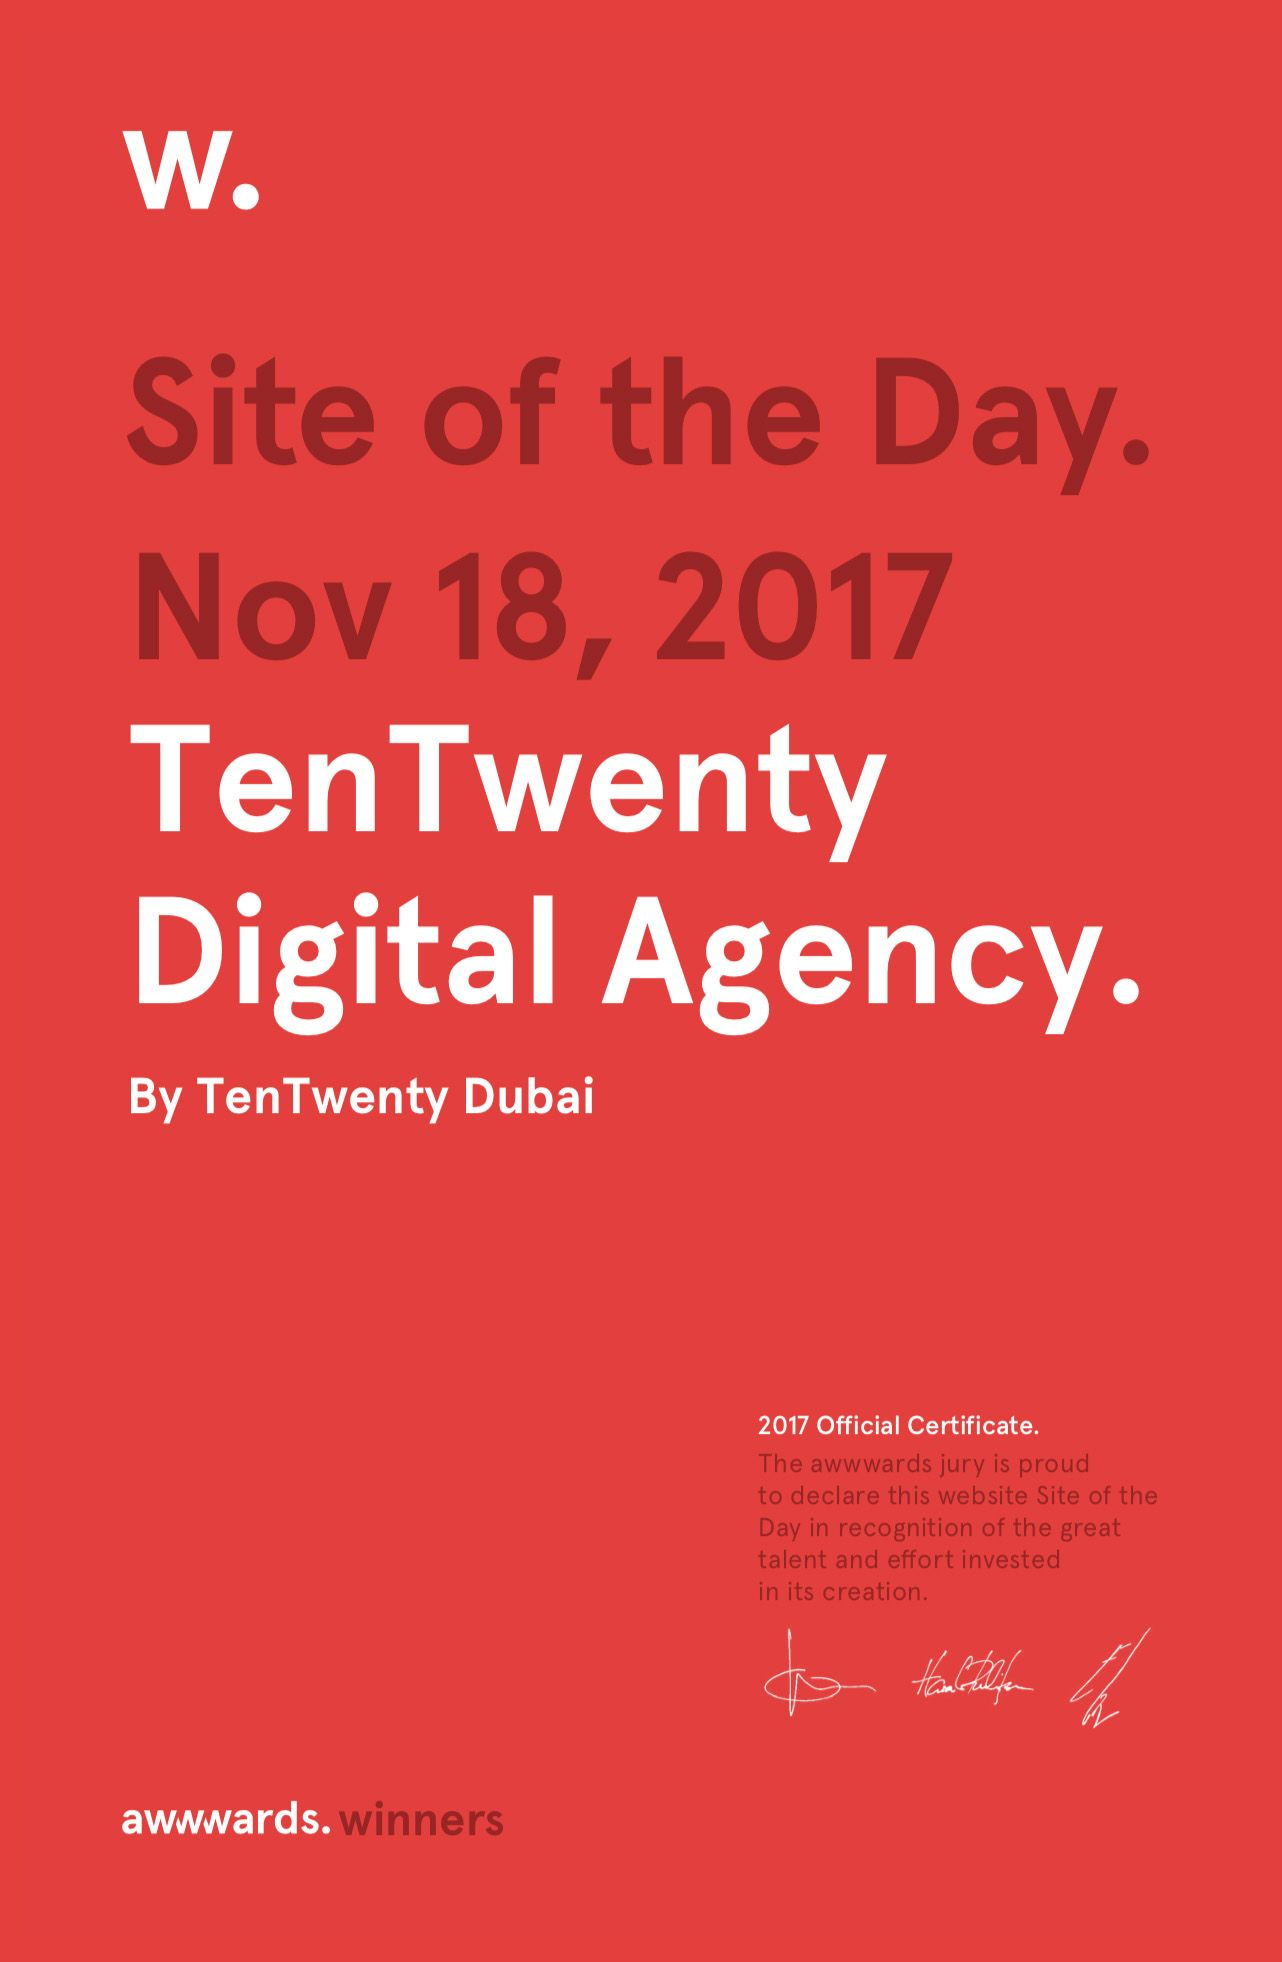 tentwenty-site-of-the-day-awwwards-18102017.jpg